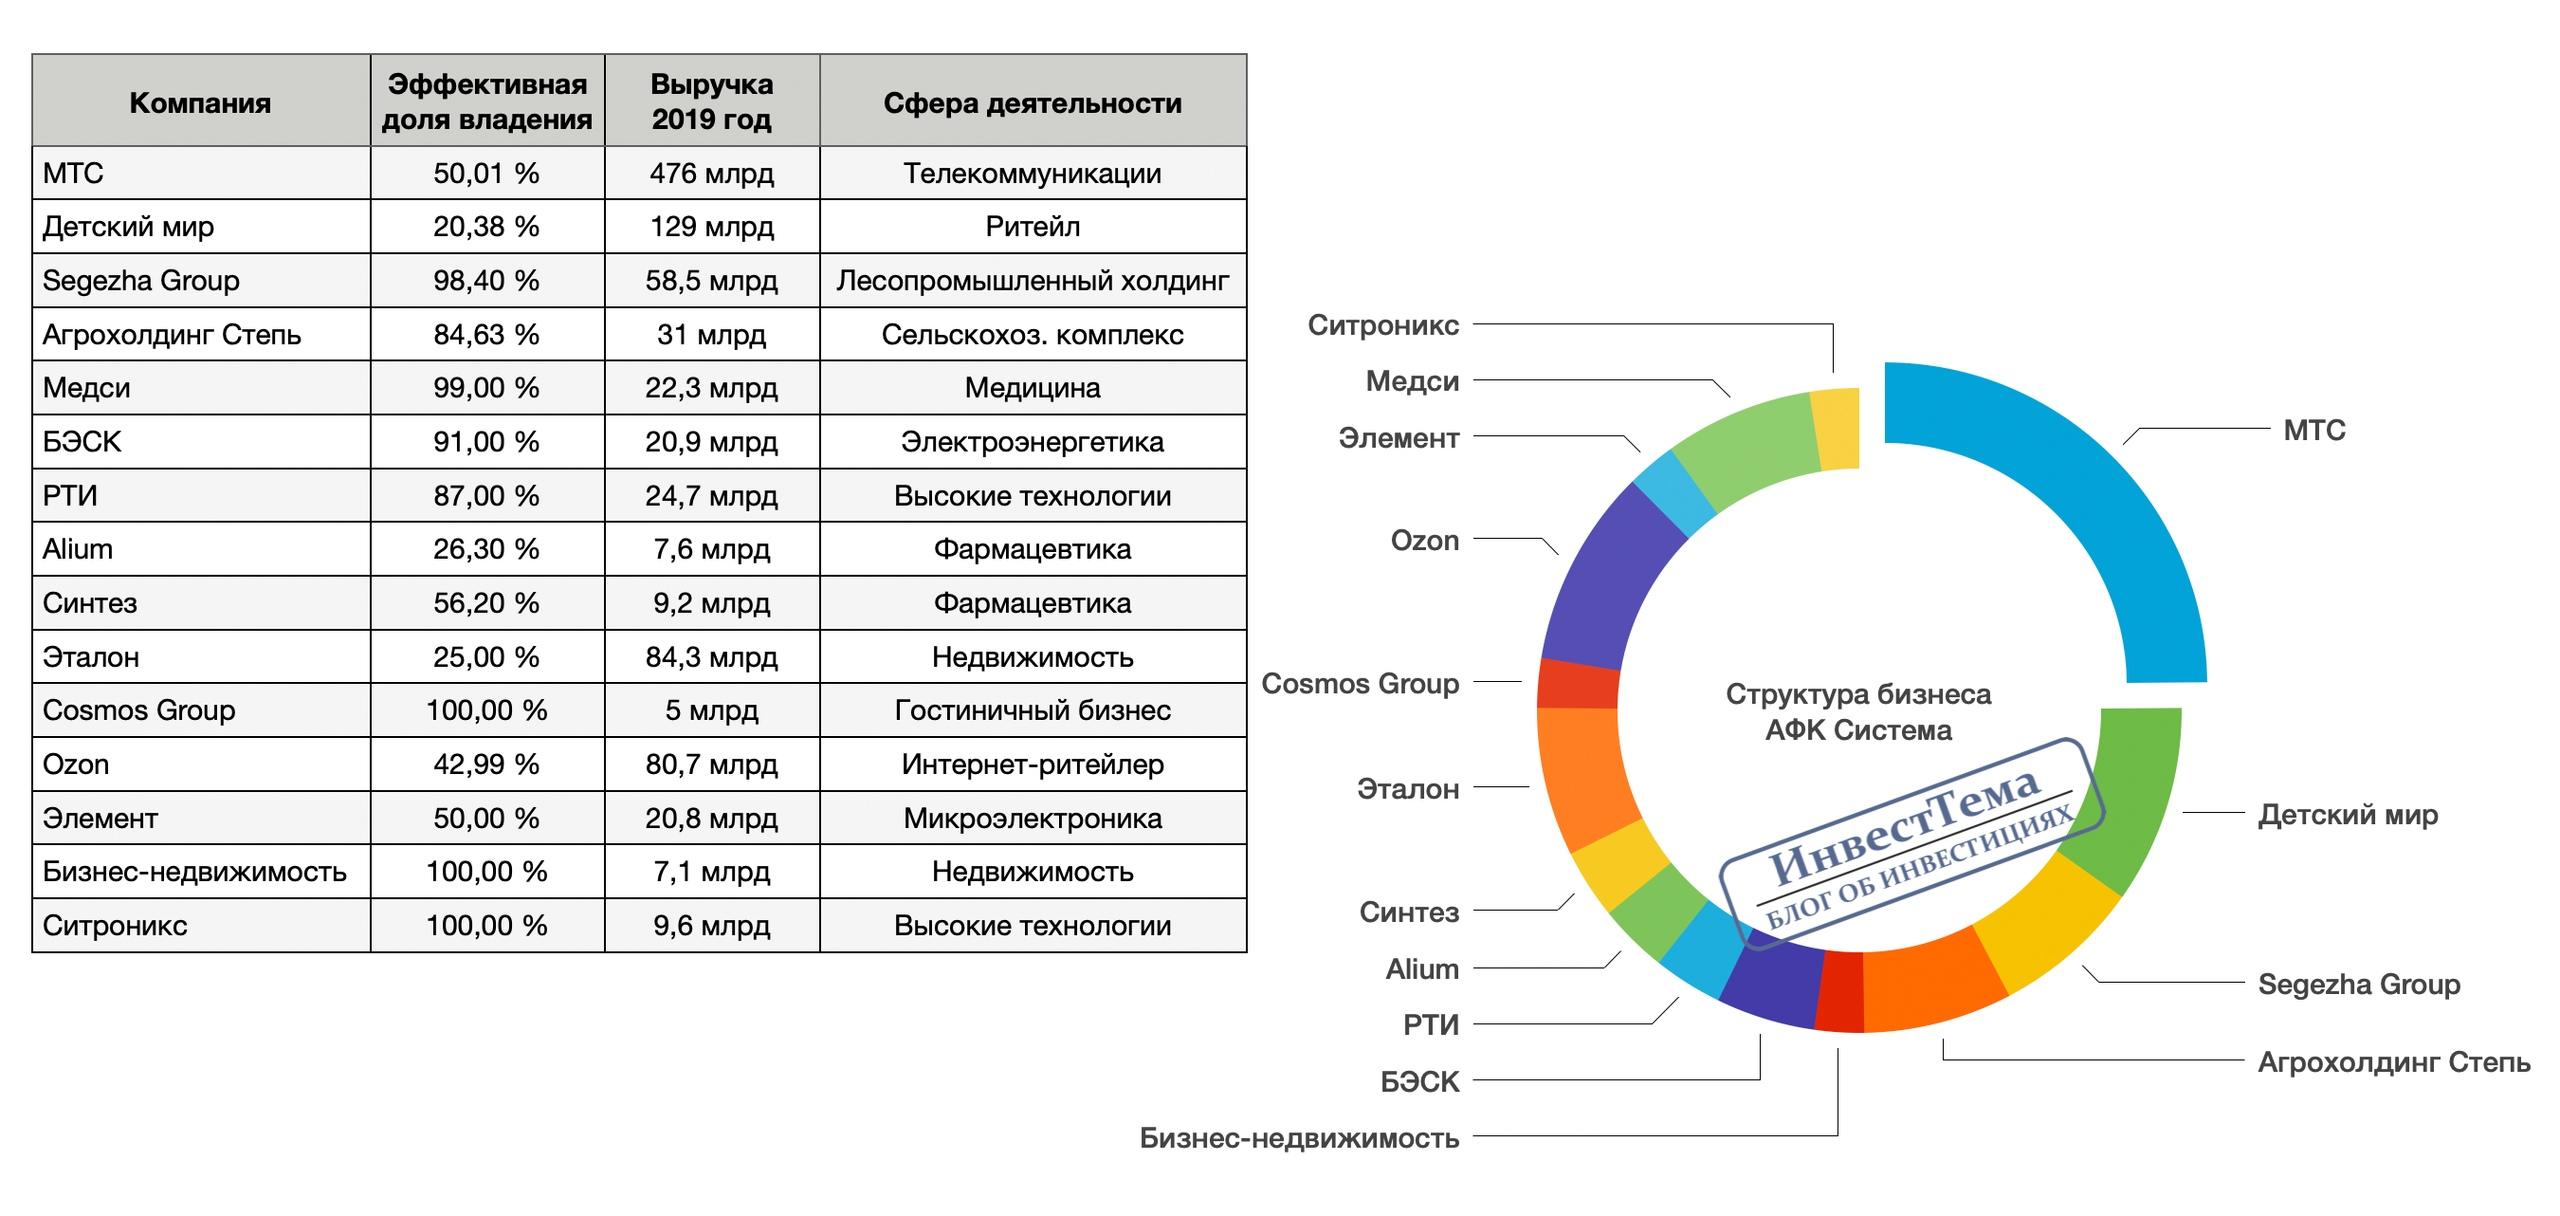 АФК Система - полный разбор компании + SWOT-анализ, изображение №9